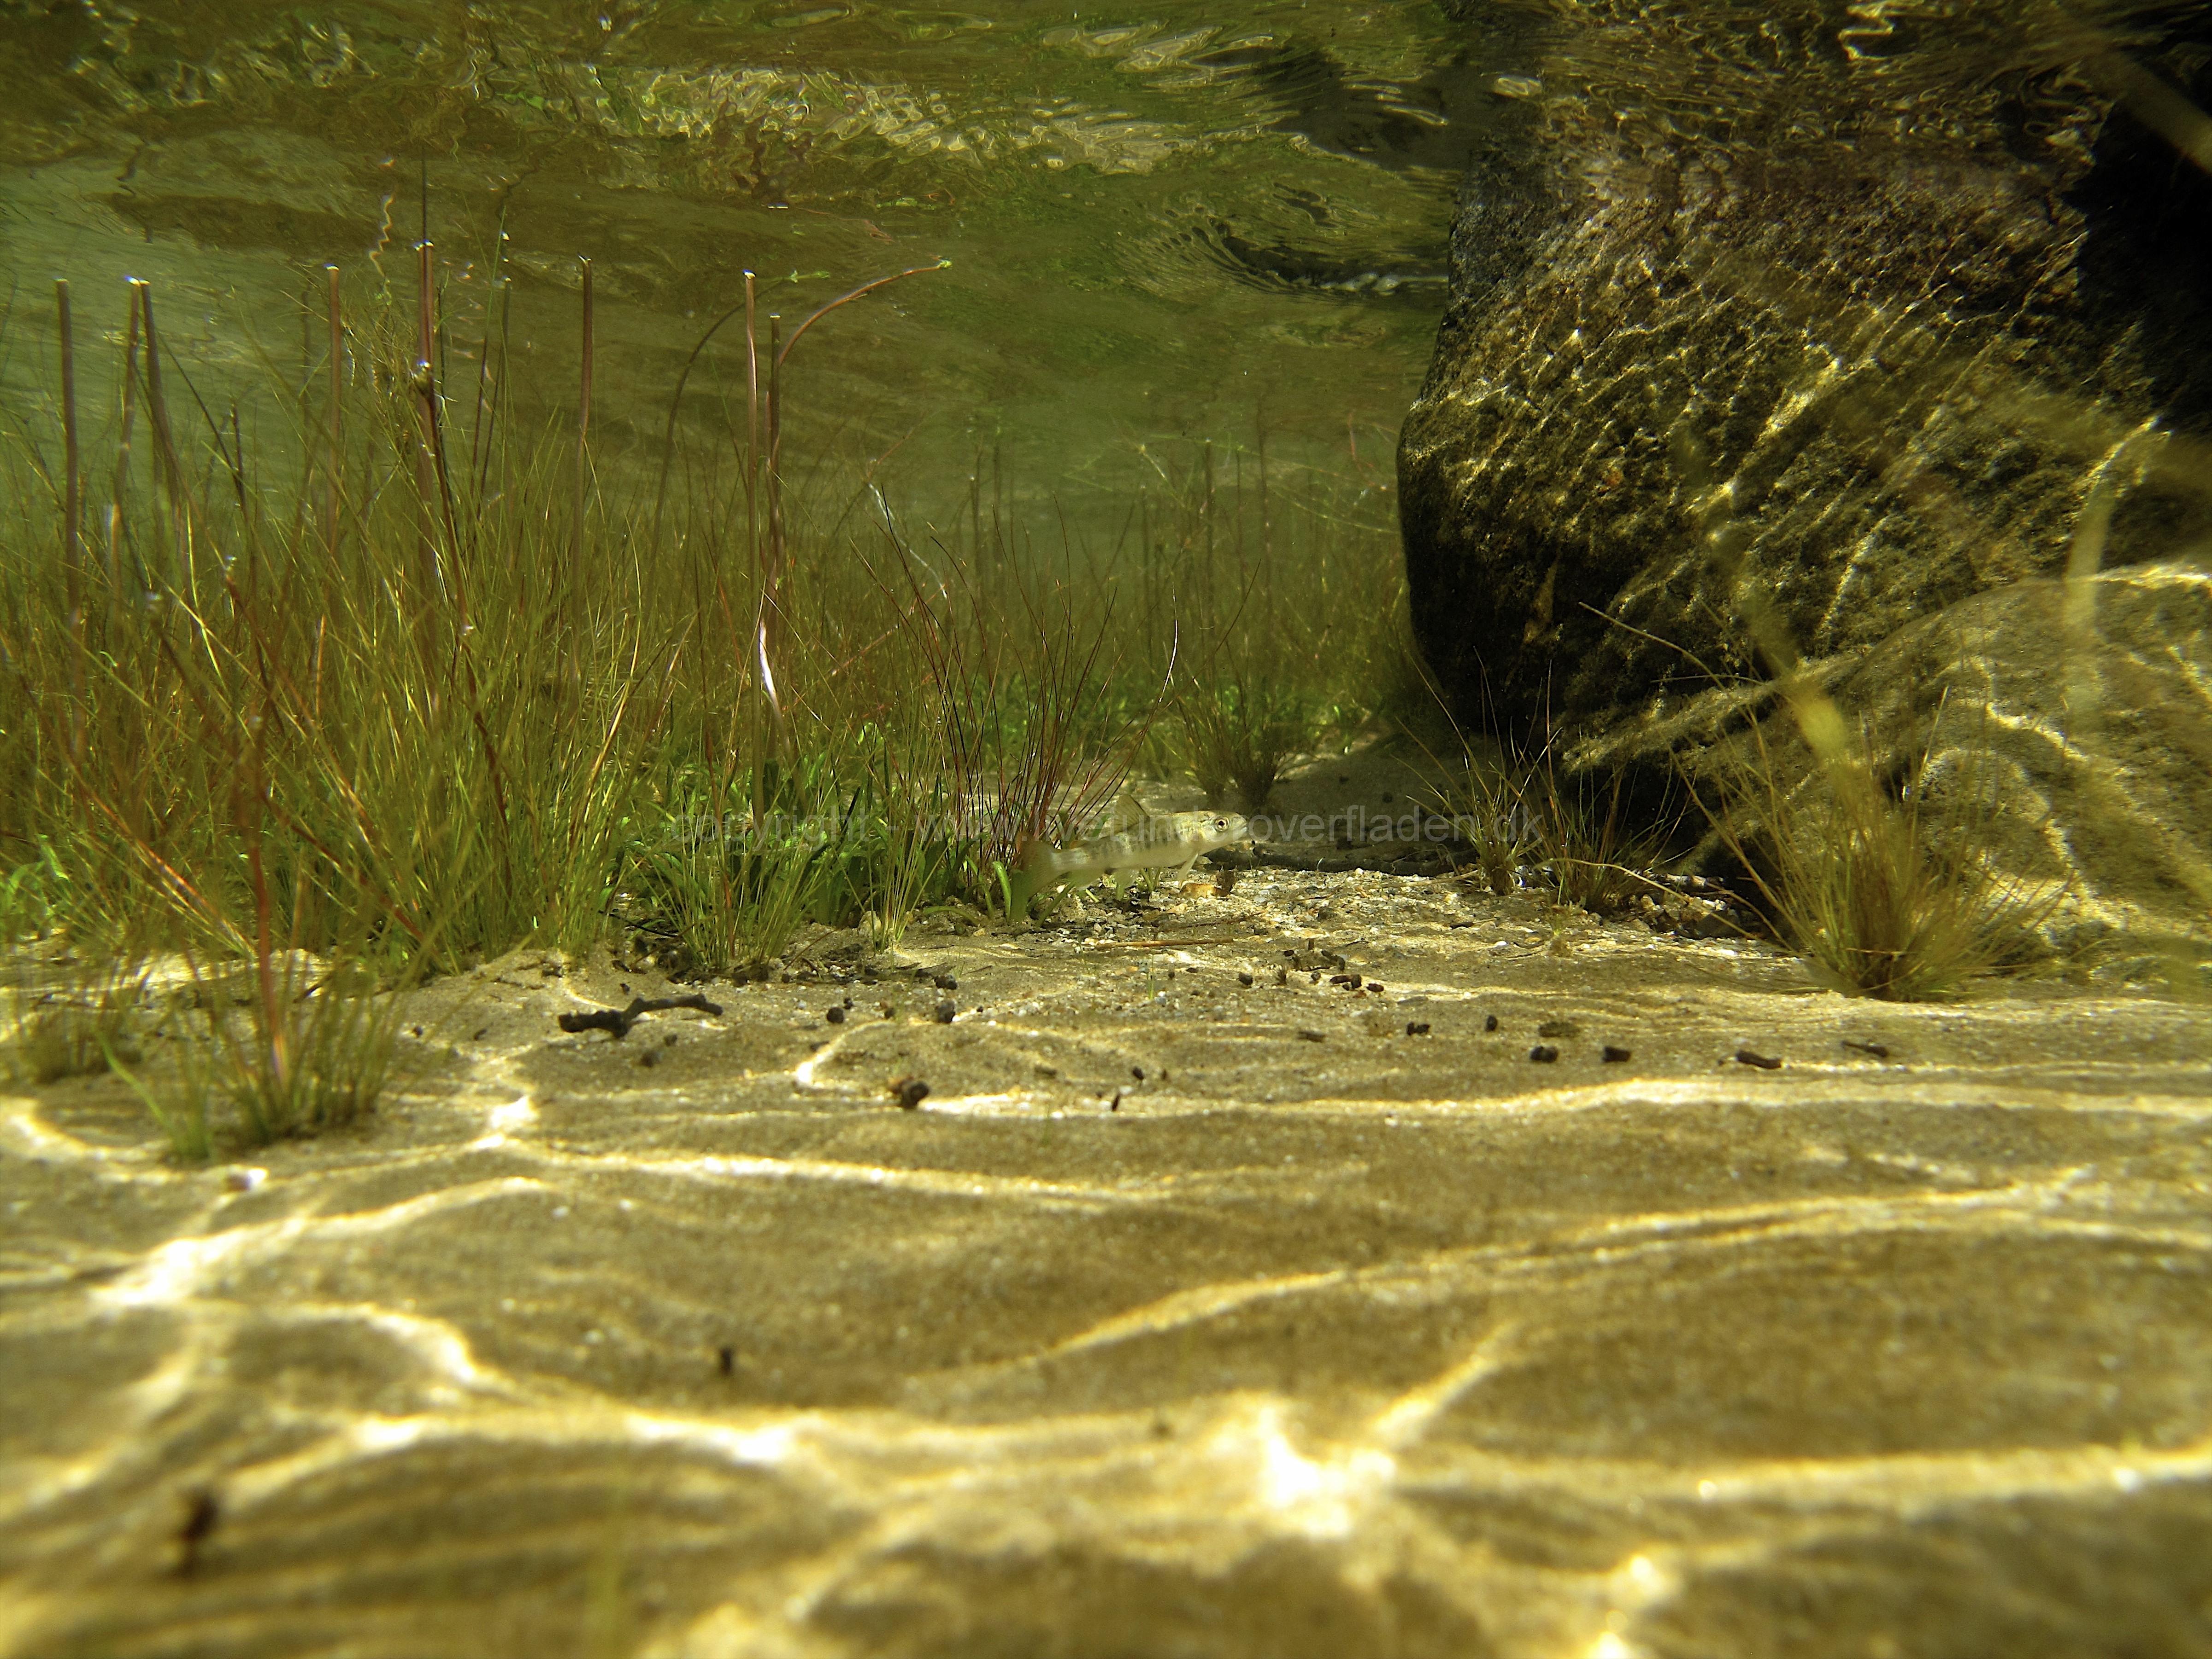 Freshwater habitat_Martin_Kielland 2